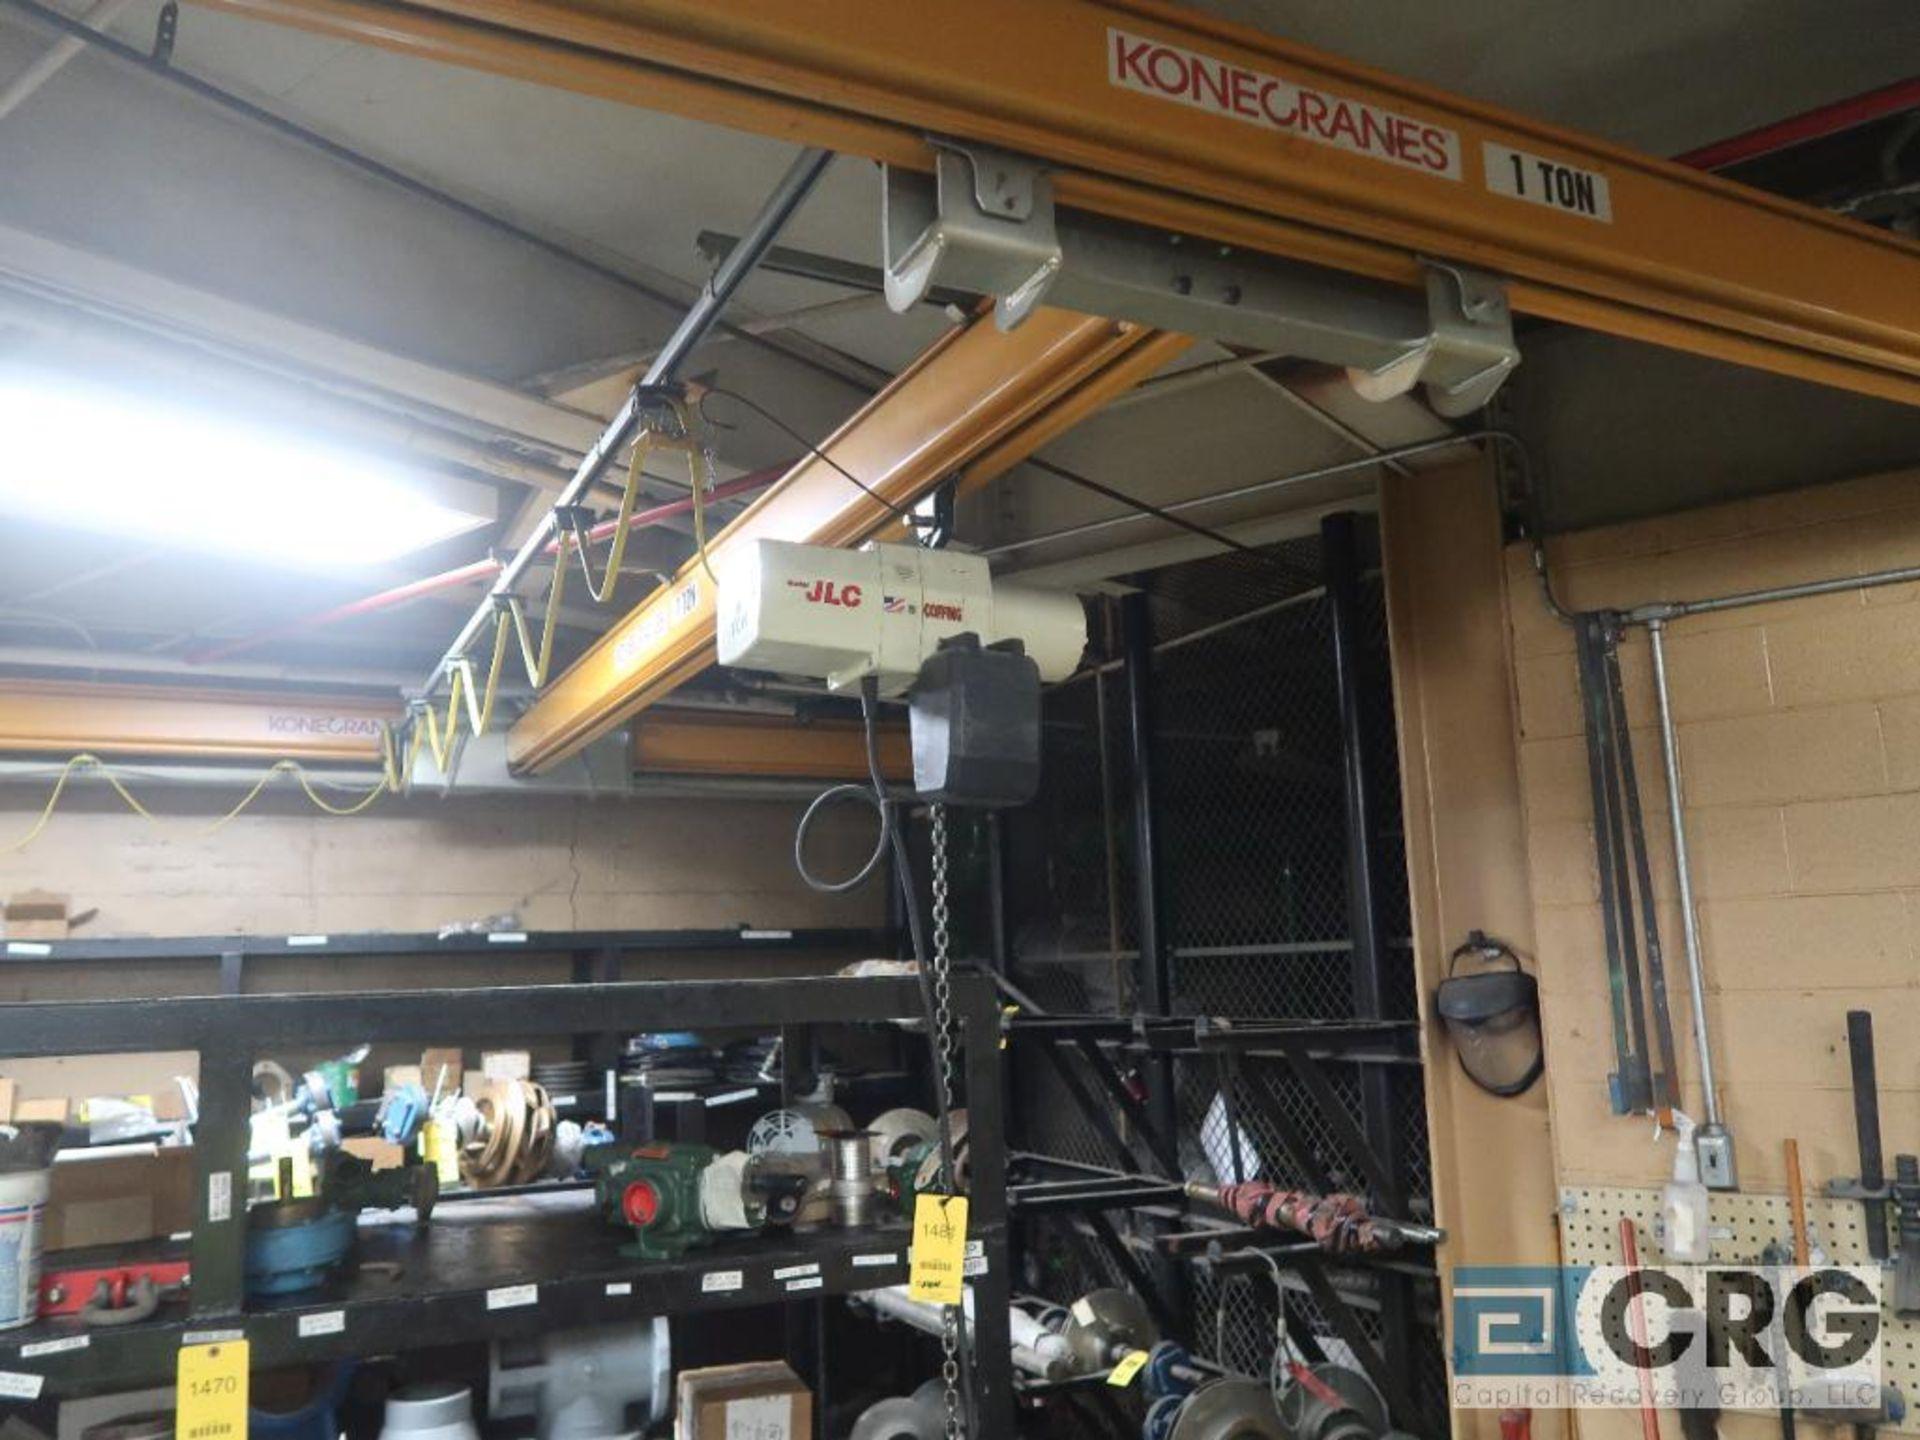 Konecrane bridge crane with coffin, JLC electric chain hoist, 16 ft. W x 22 ft. L, 1 ton cap. ( - Image 2 of 3